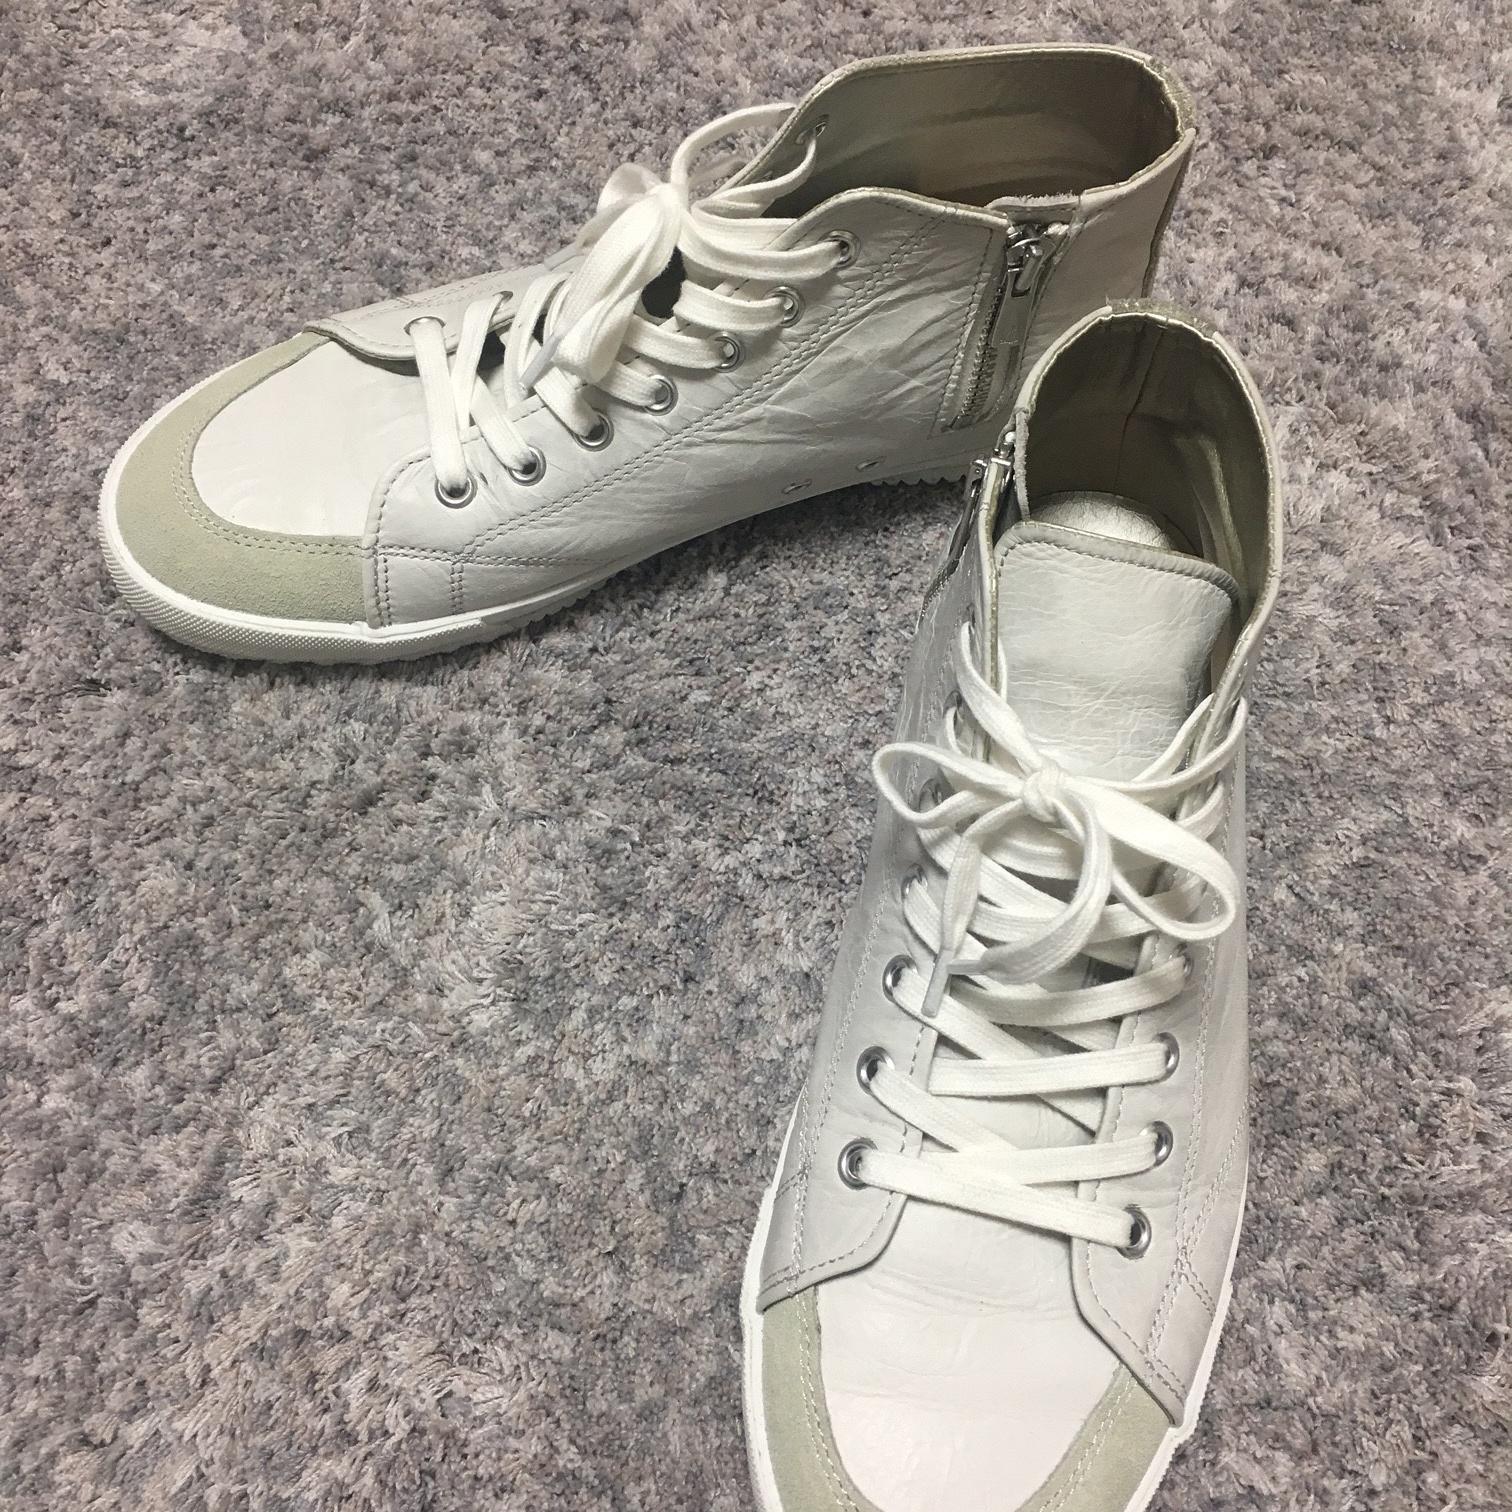 美女組さんの「春の靴」を拝見!【マリソル美女組ブログPICK UP】_1_1-2